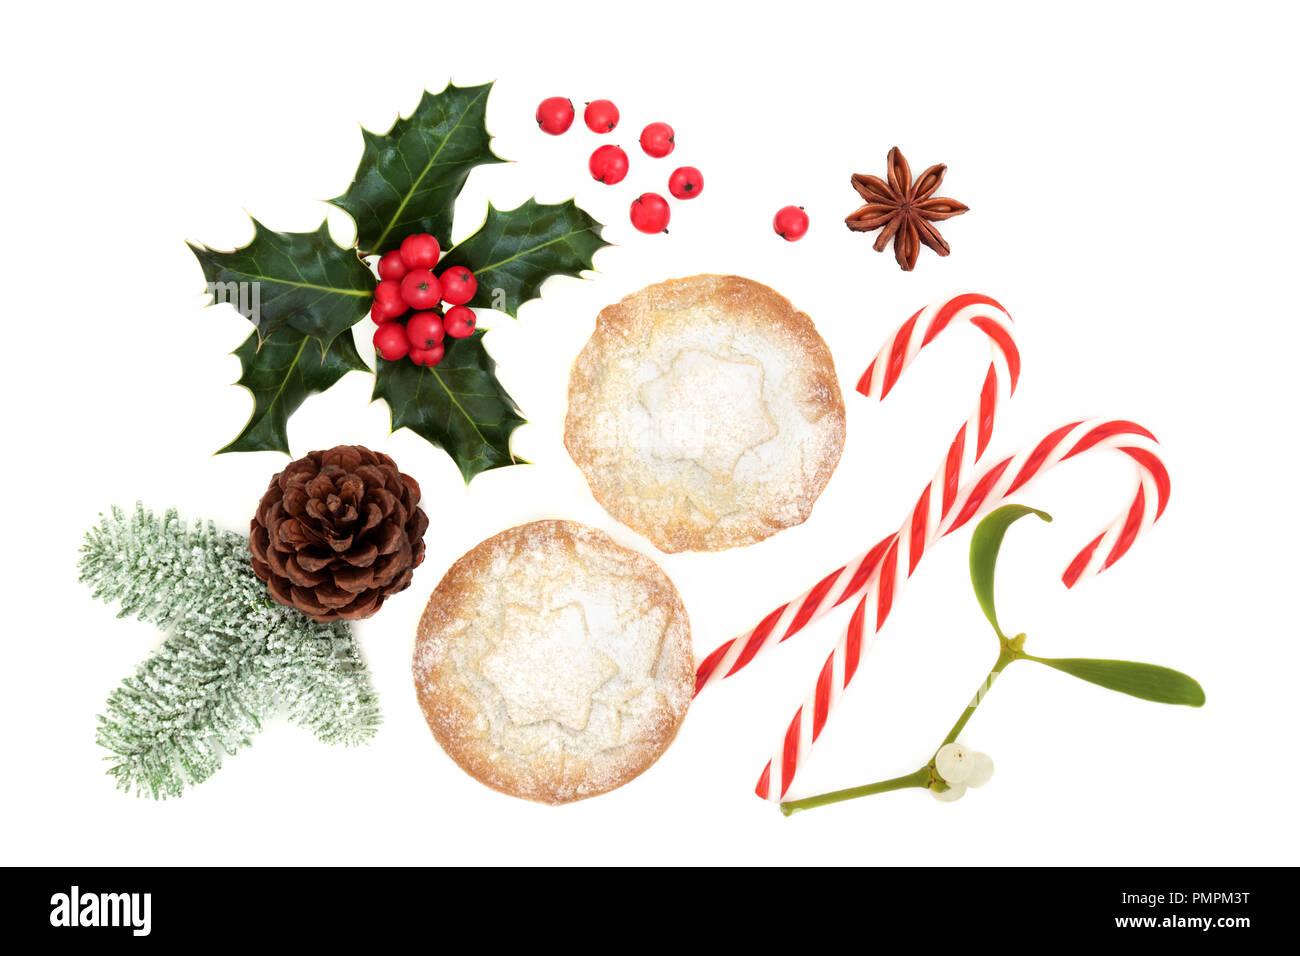 Símbolos de la Navidad con carne picada tartas tarta, flora invernal de acebos, abetos cubiertos de nieve, cono de pino, bastones de caramelo y el anís estrella sobre fondo blanco. Vista desde arriba. Imagen De Stock